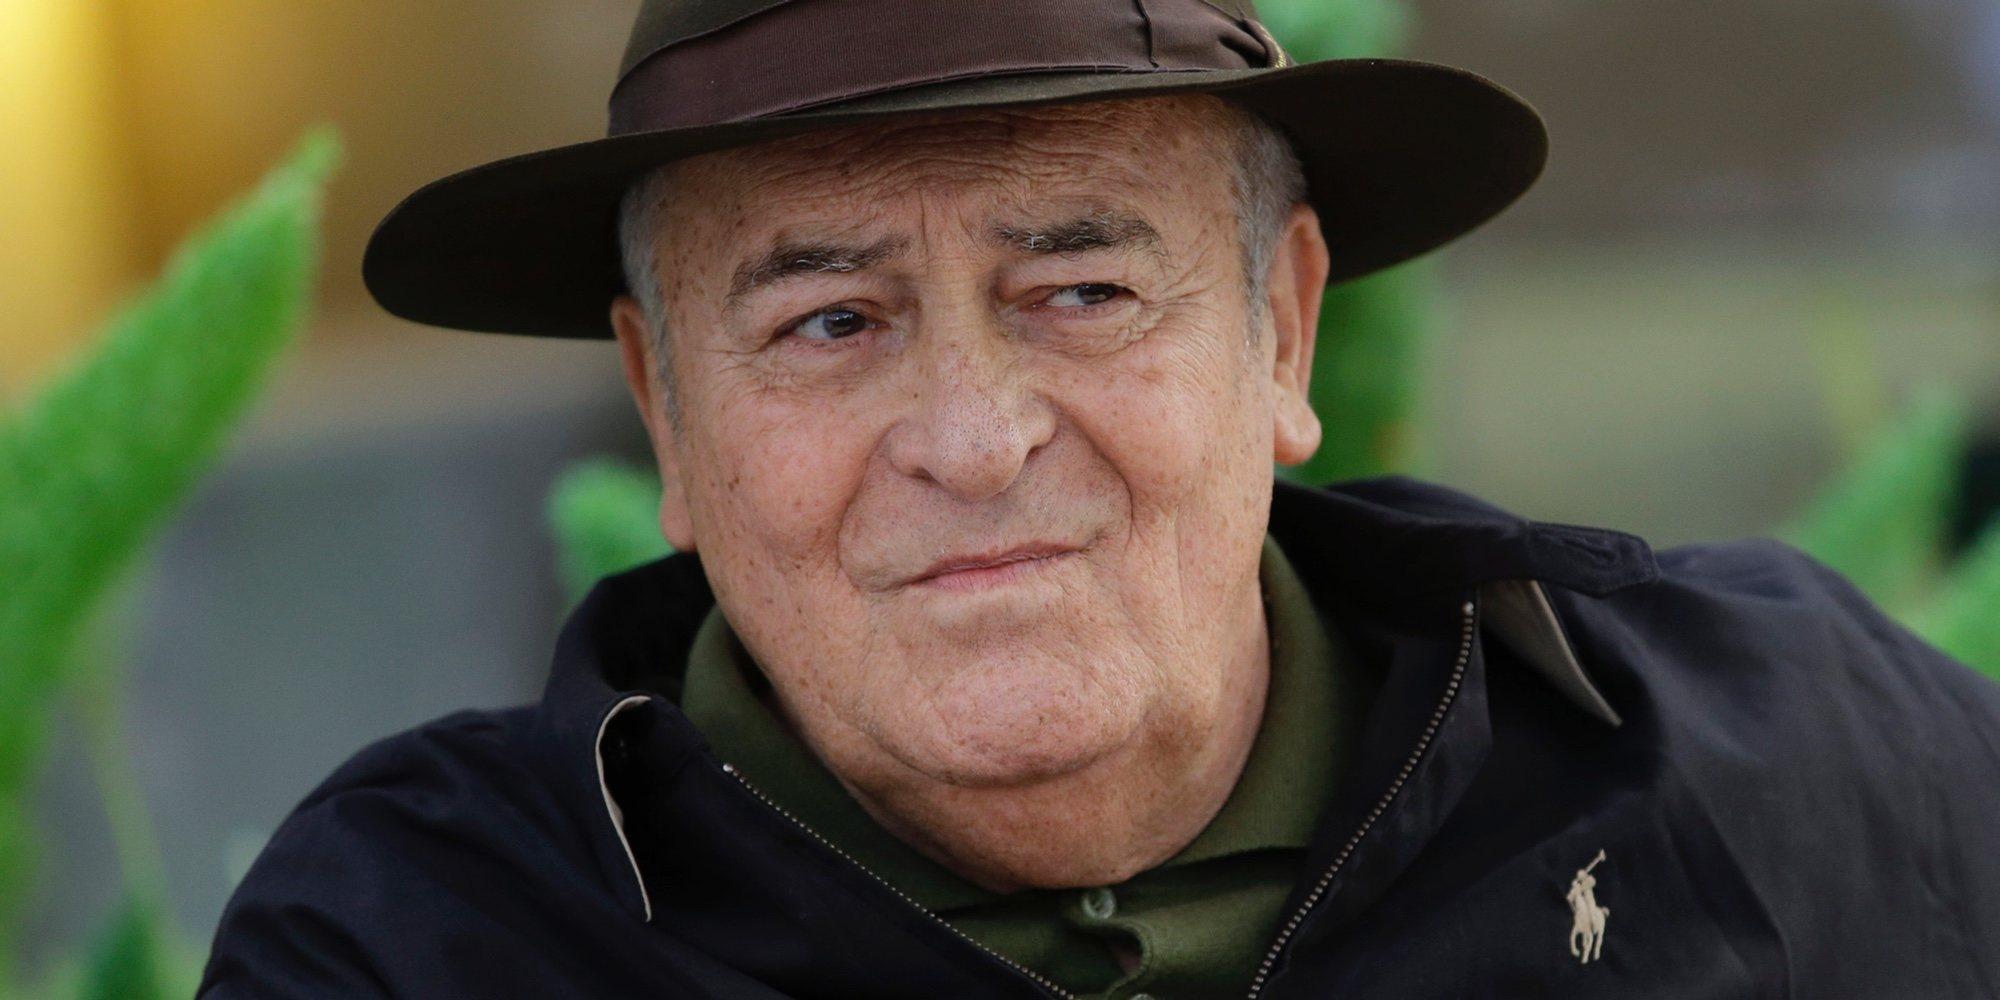 Muere el director de cine italiano Bernardo Bertolucci a los 77 años